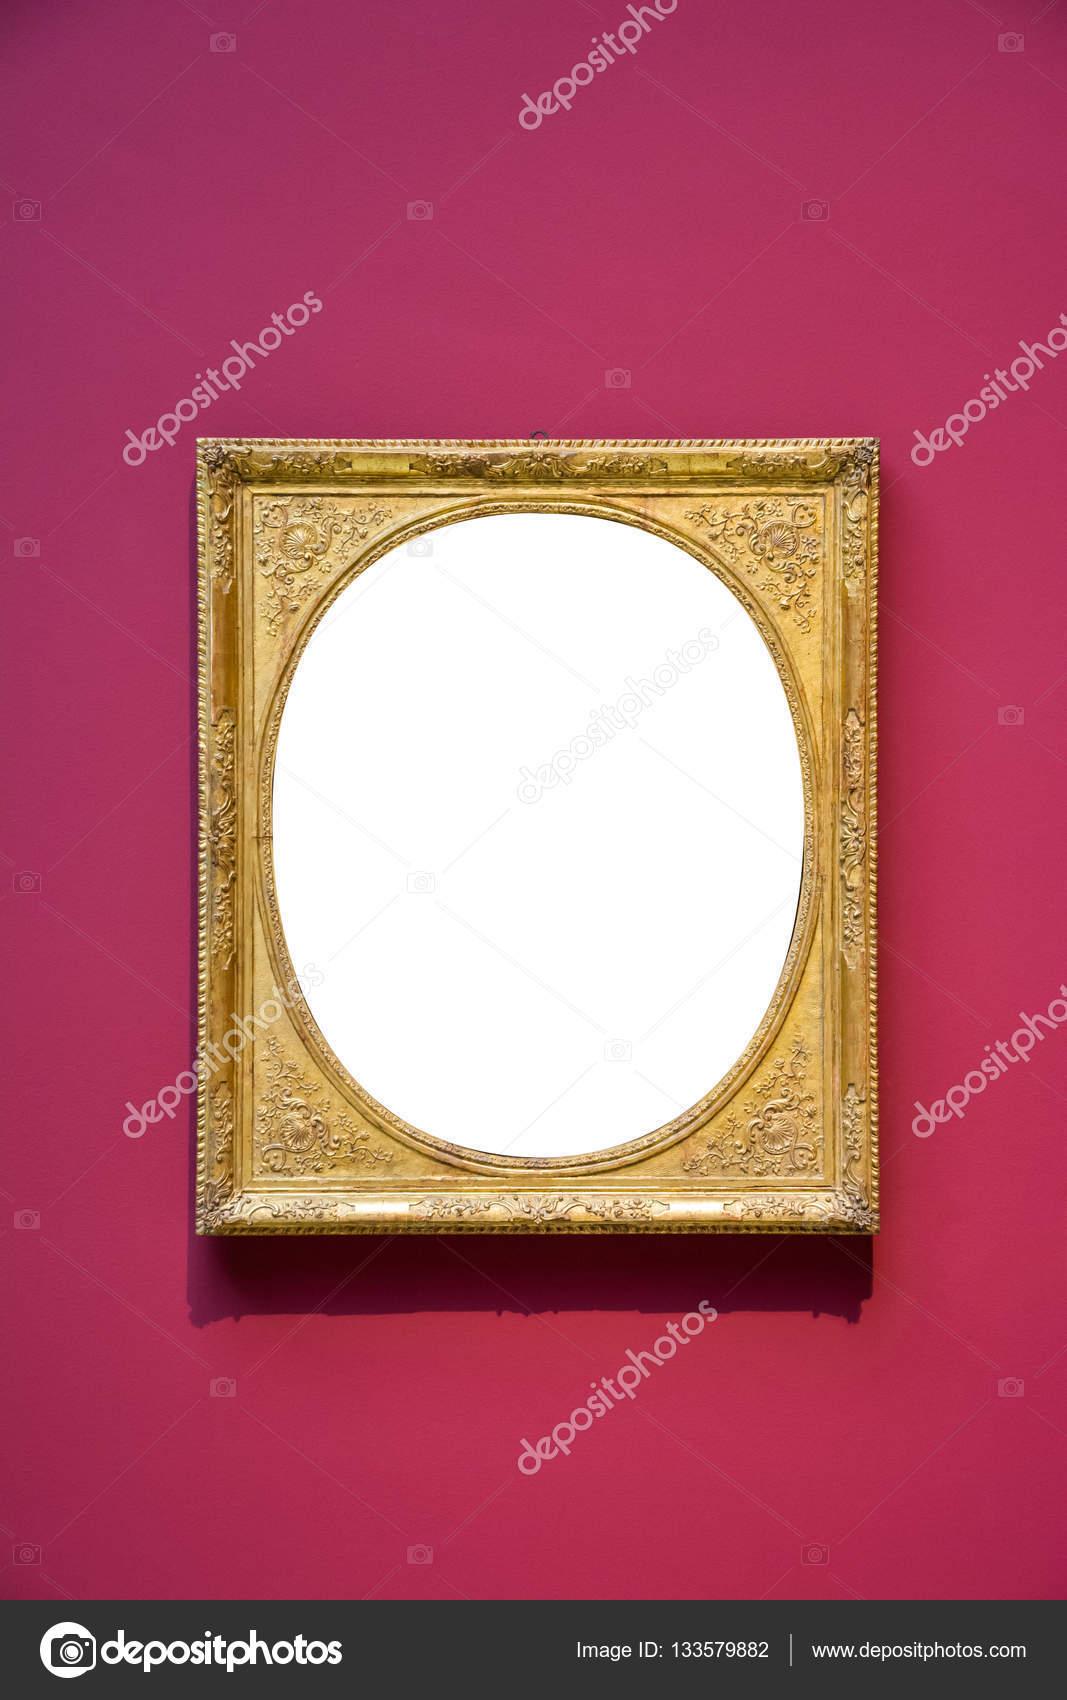 Runde Kunstmuseum Rahmen rote Wand verzierten Design weiß isoliert ...